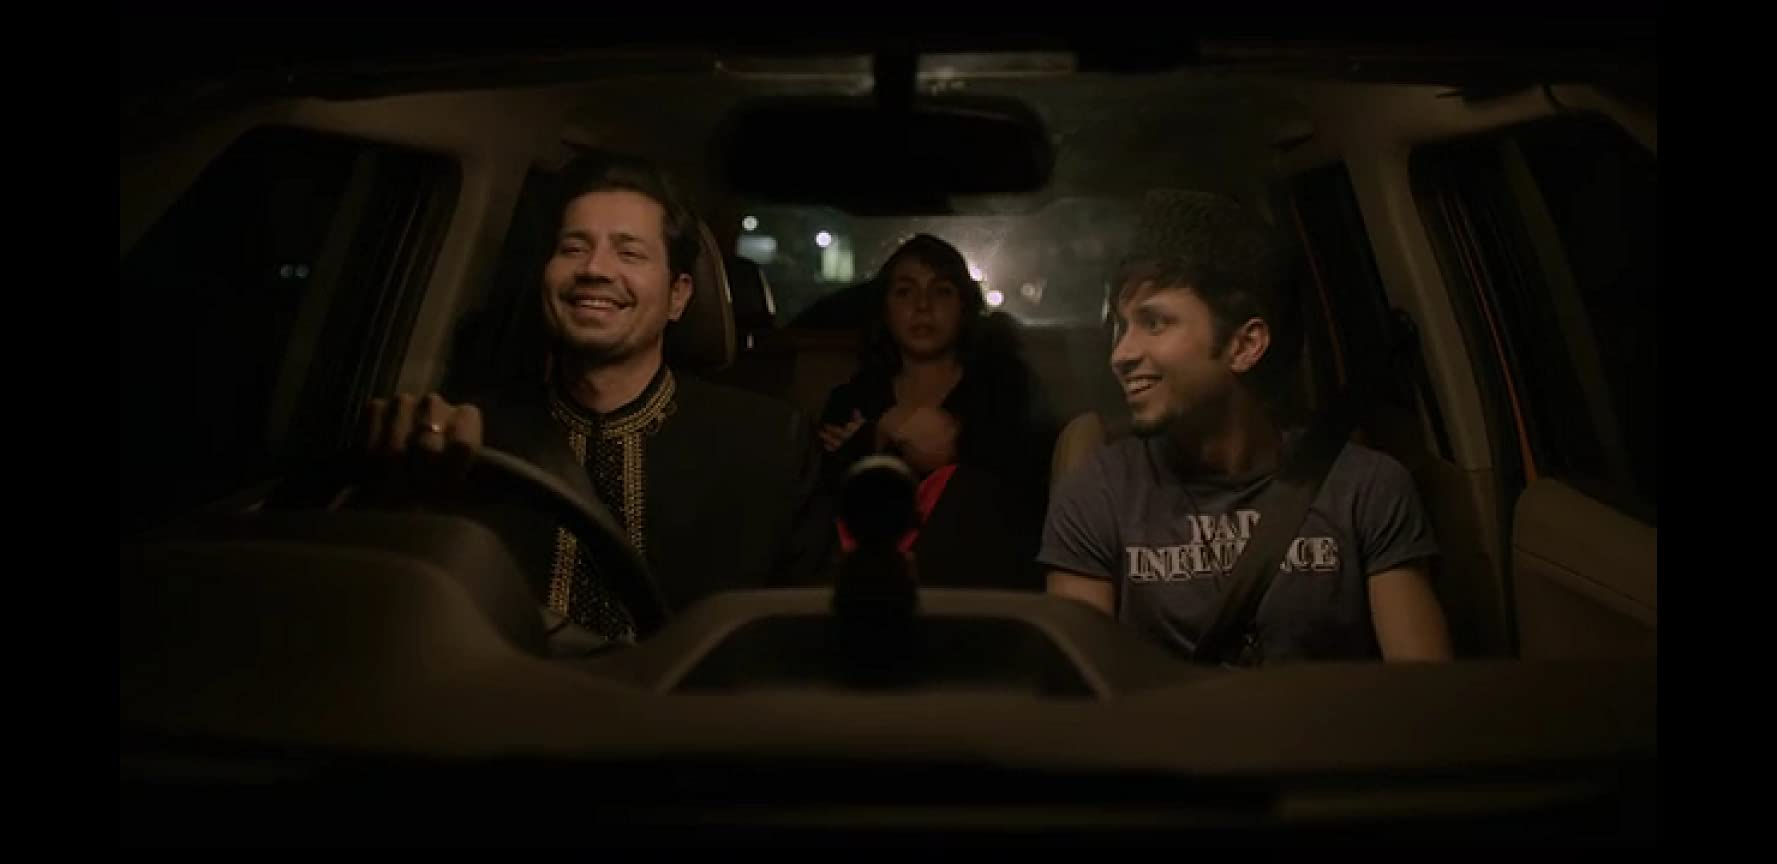 Maanvi Gagroo, Amol Parashar, and Sumeet Vyas in TVF Tripling (2016)